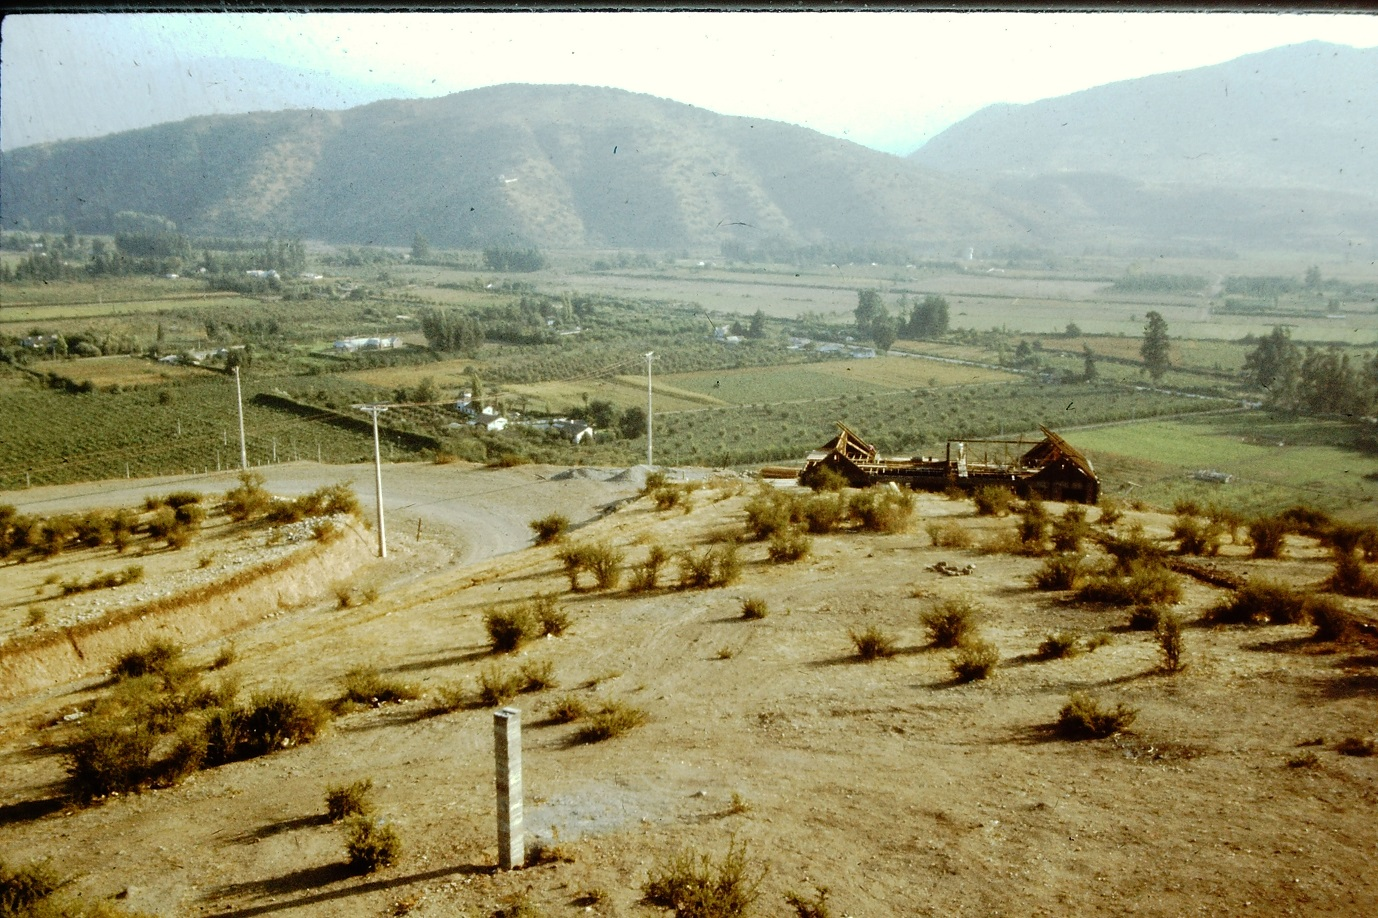 Enterreno - Fotos históricas de chile - fotos antiguas de Chile - Panorámica desde el Cerro Calán en los 60s